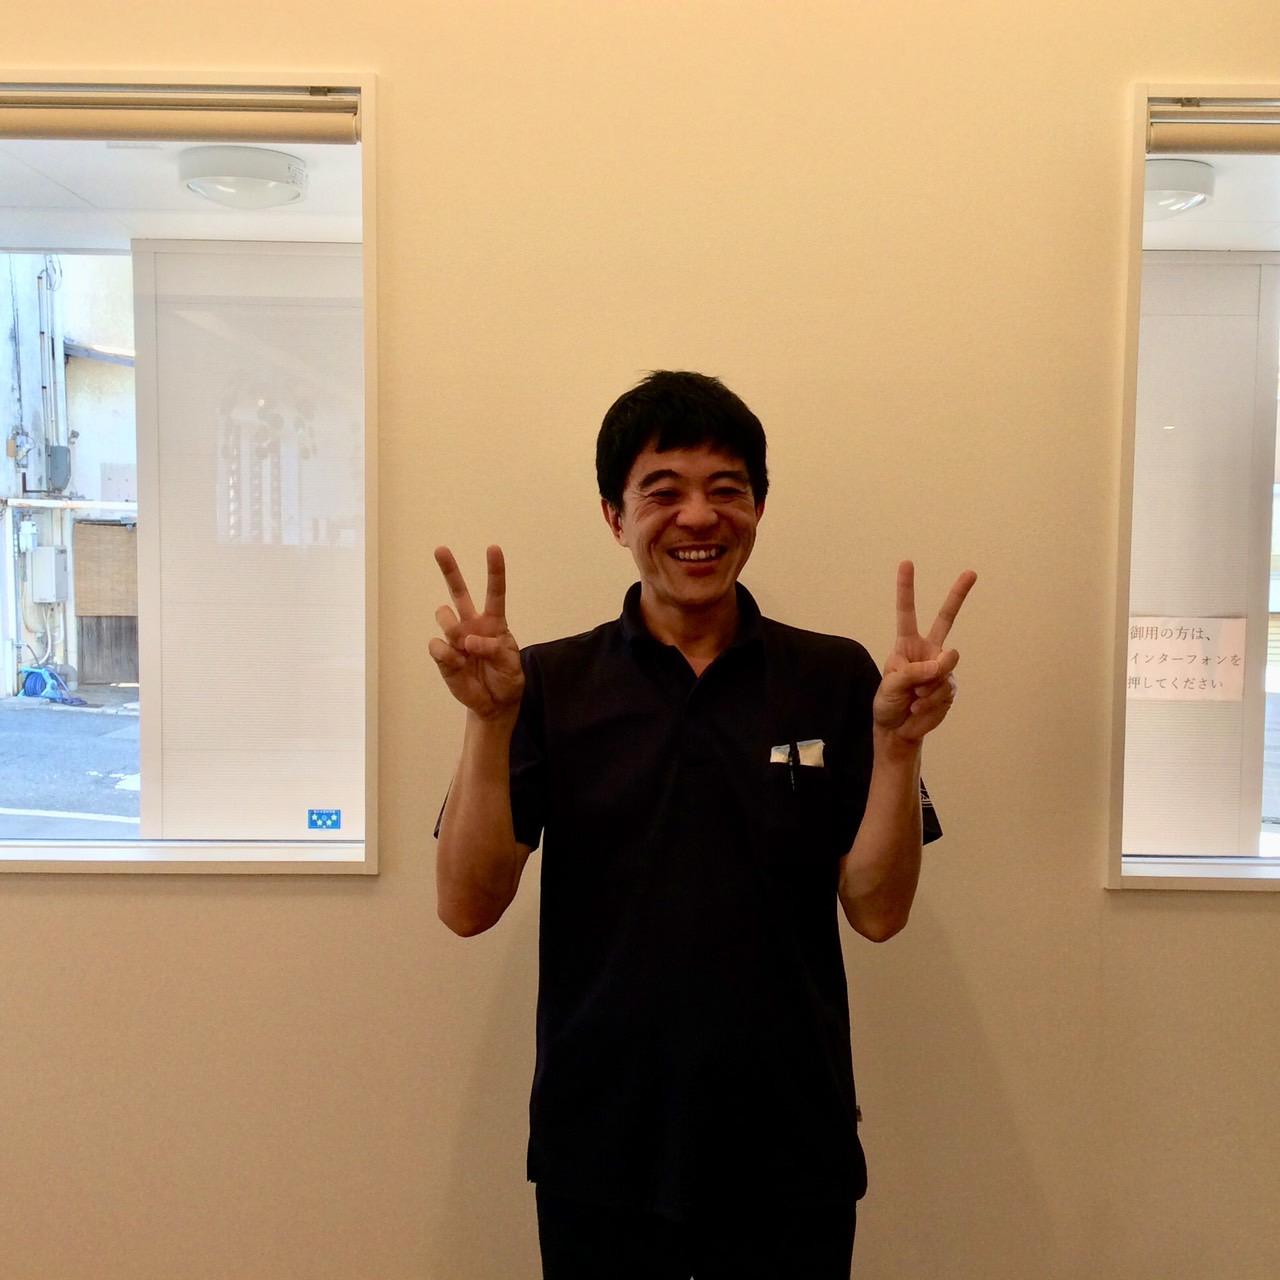 中川 弘司 写真